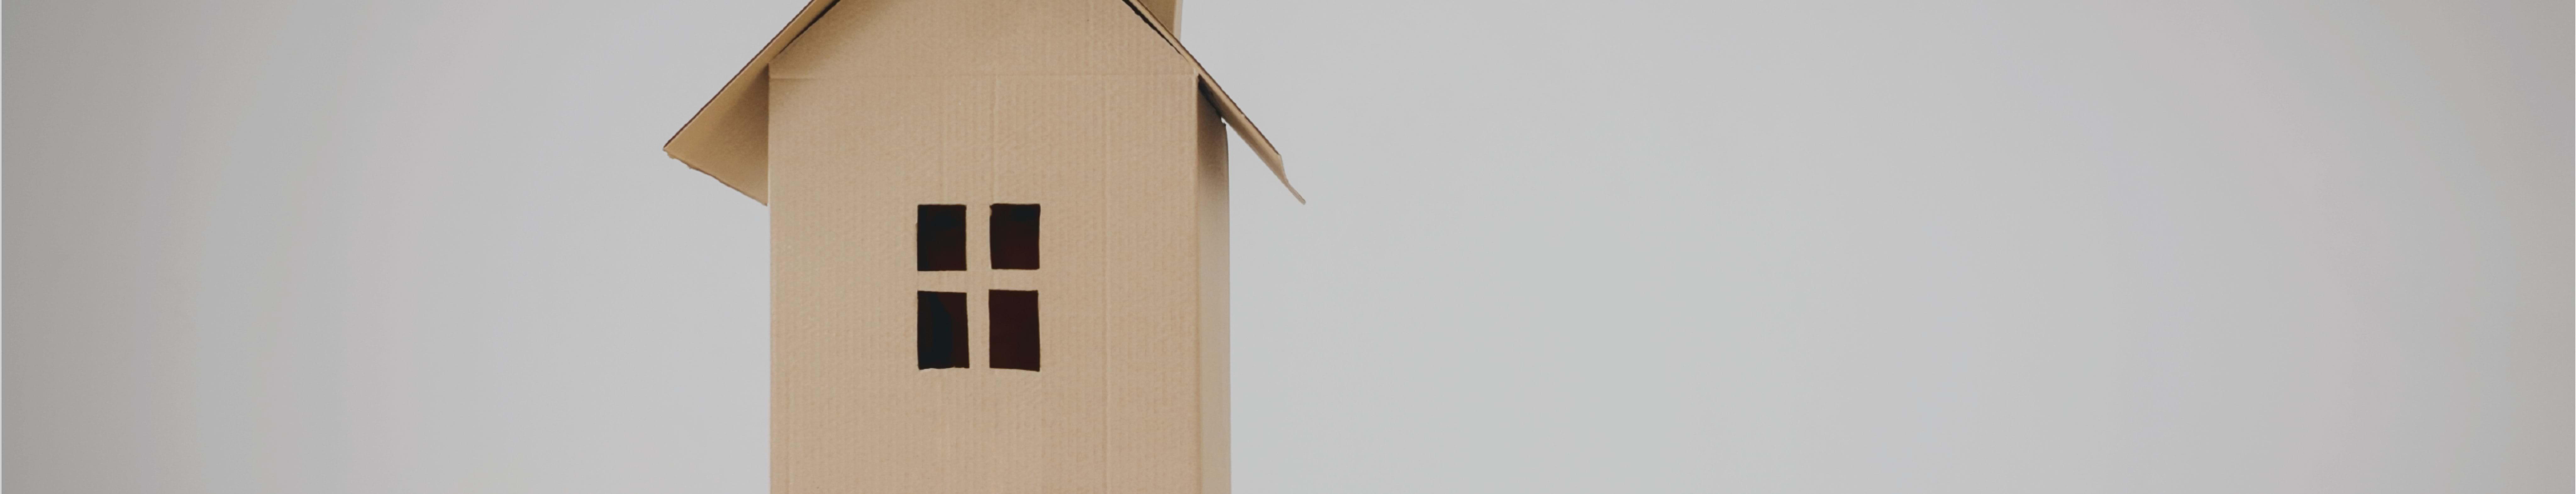 D veloppement durable maison en bois ou ossature bois for Acheter maison ossature bois